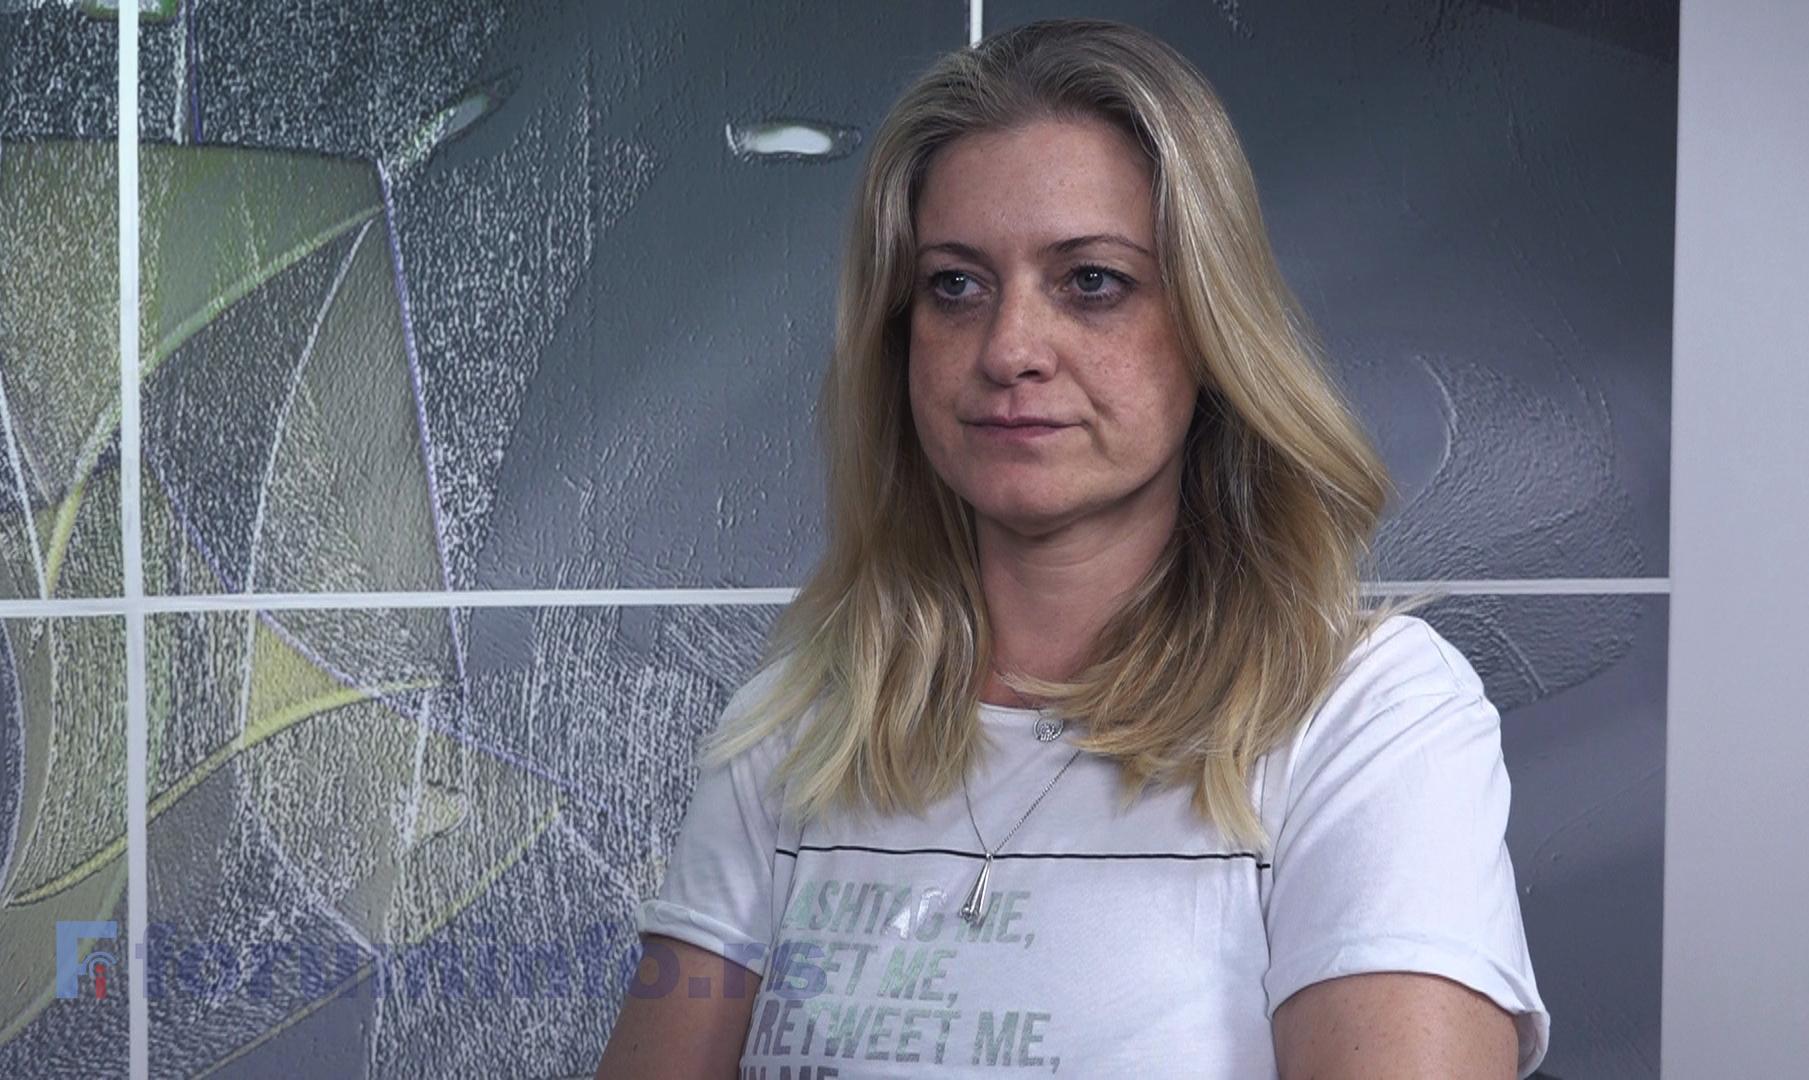 Ламија Алечковић: Медији имају велику улогу да људима објасне важност Европе